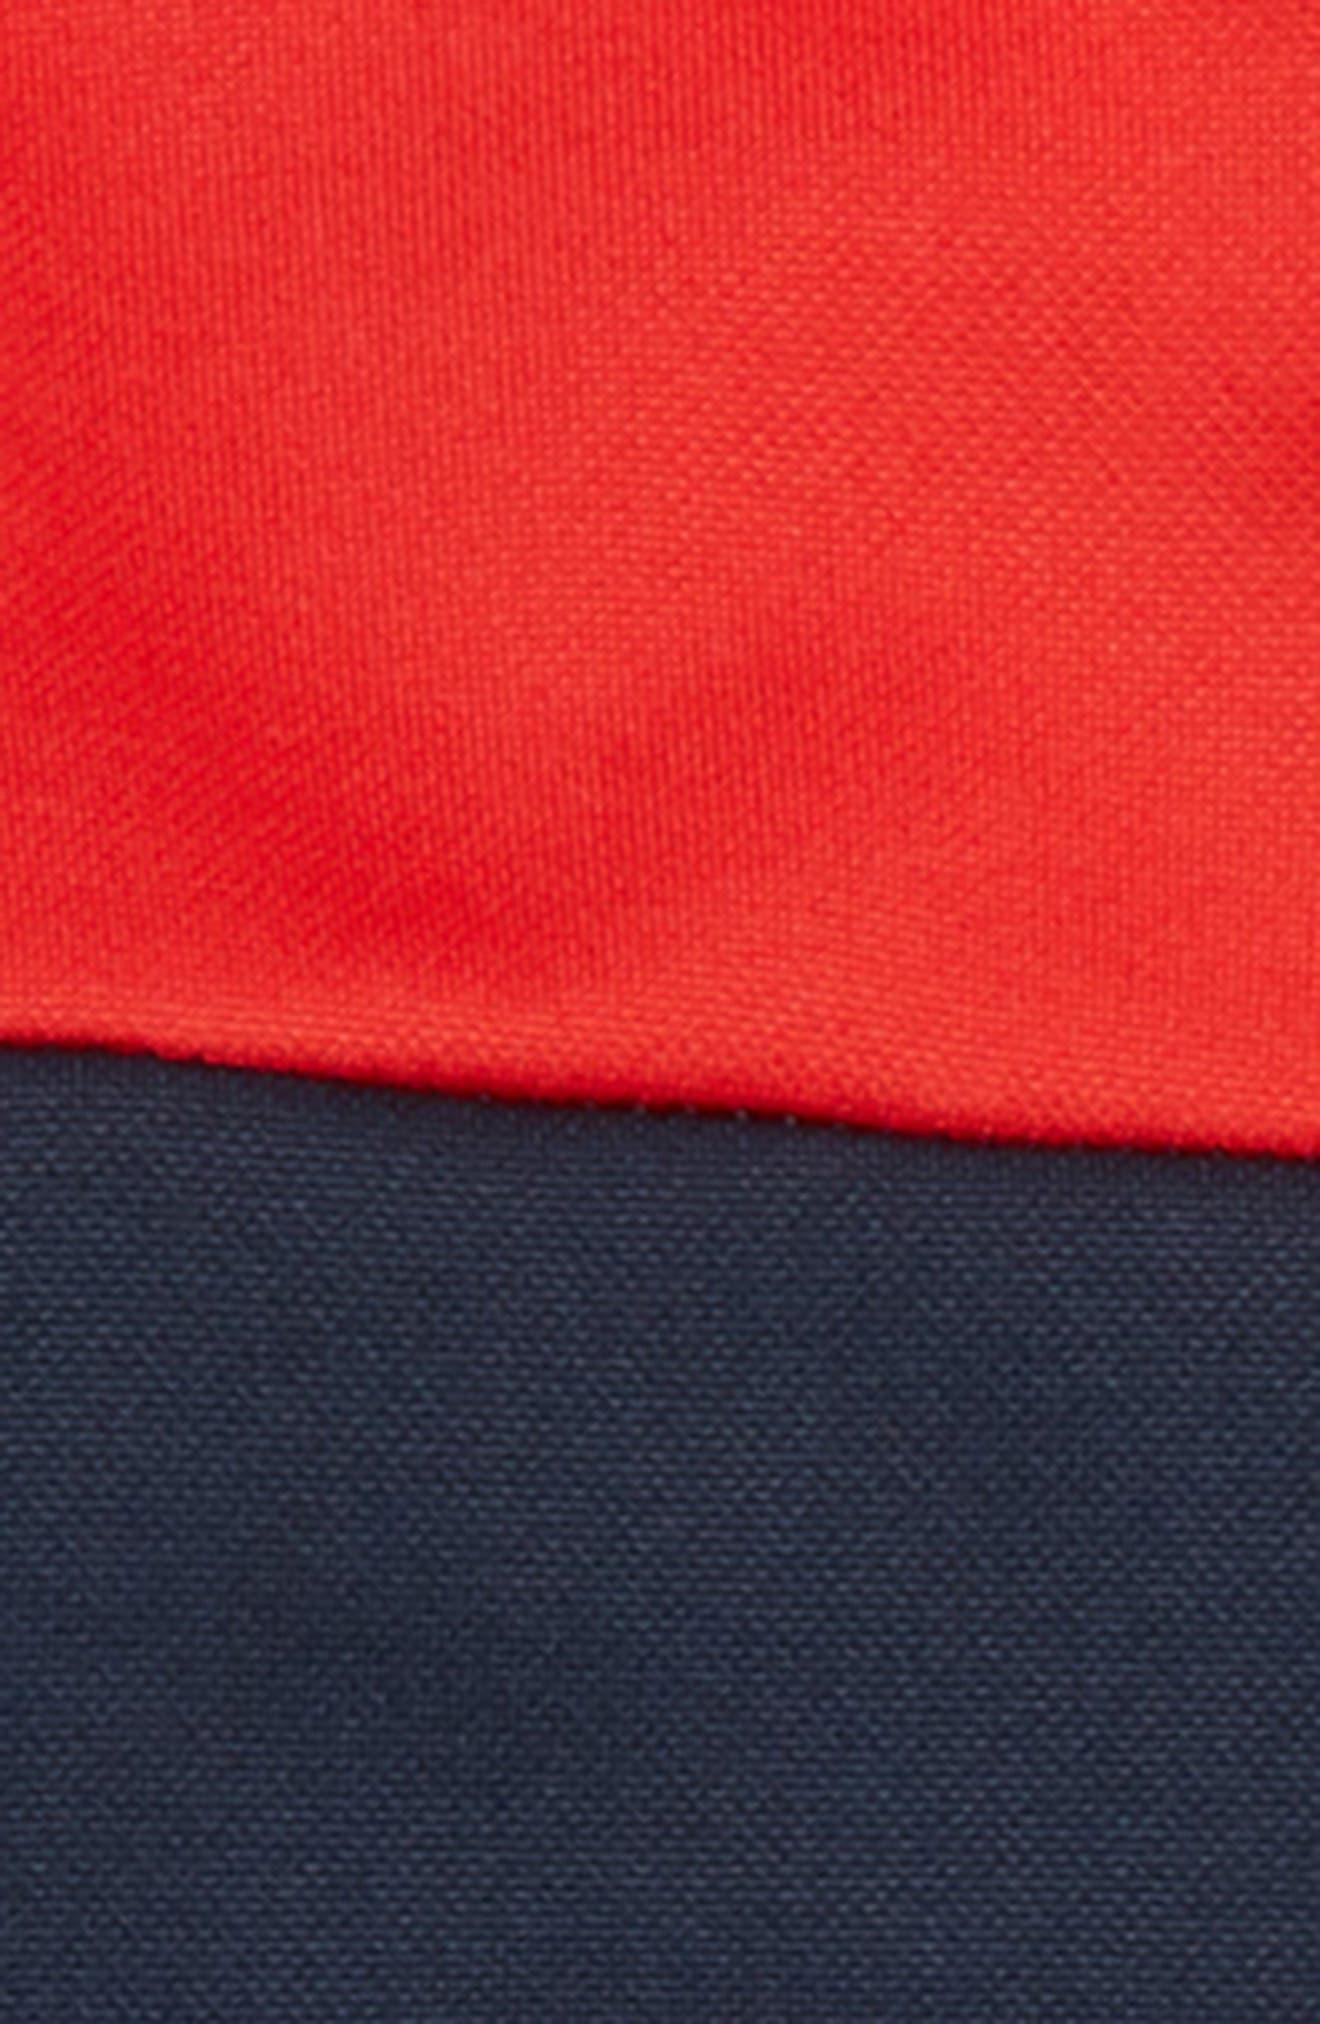 NIKE,                             Therma Full Zip Hoodie & Sweatpants Set,                             Alternate thumbnail 2, color,                             425